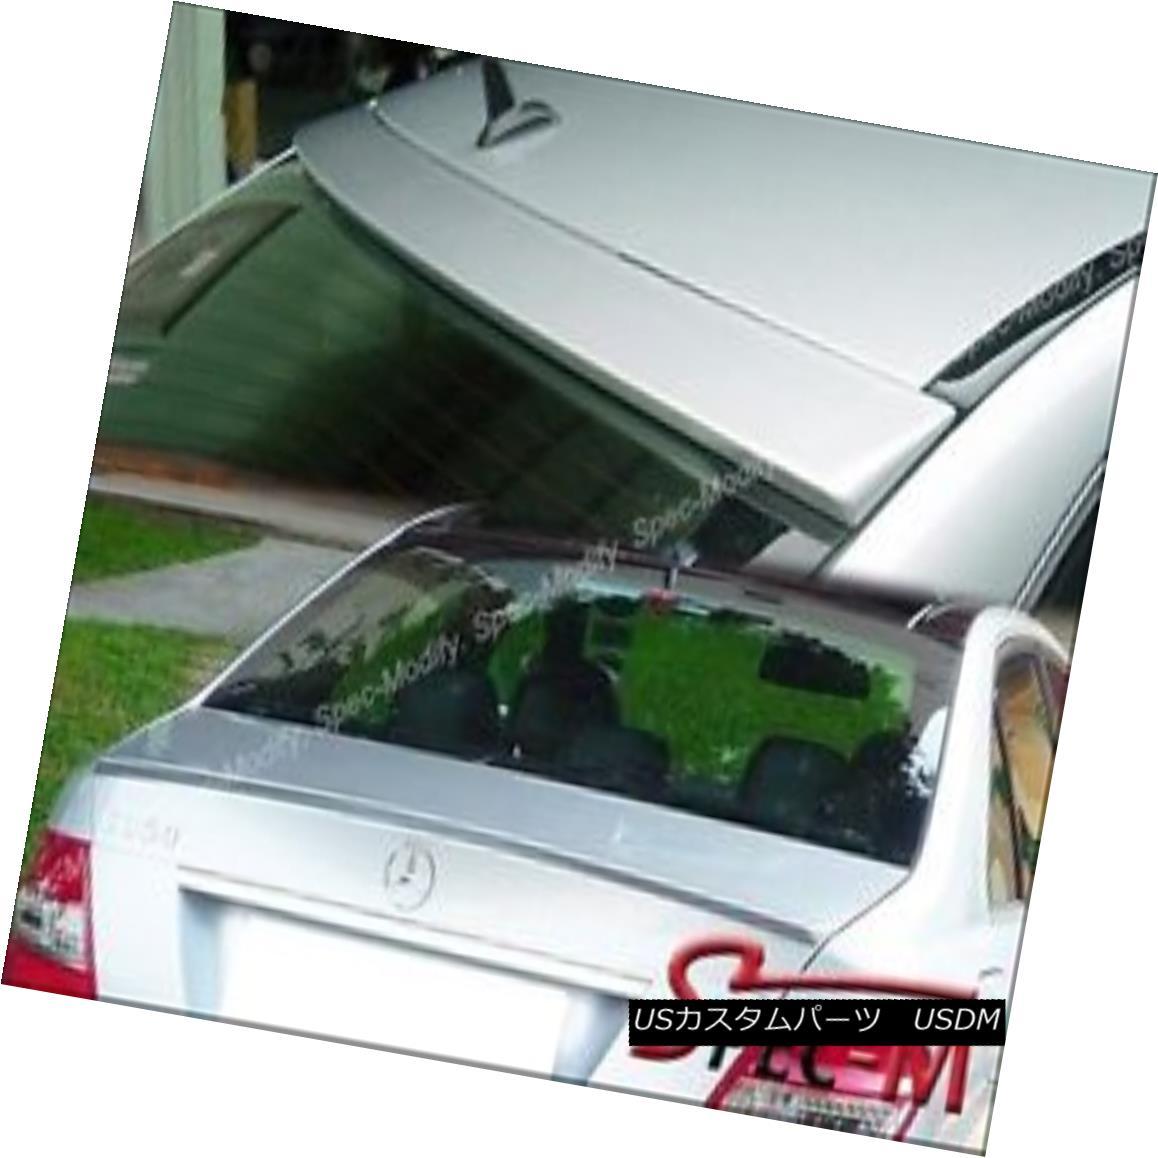 エアロパーツ Painted #775 Silver AMG Trunk Spoiler + OE Roof Lip For W204 C-Class Sedan 08-14 塗装済み#775シルバーAMGトランク・スポイラー+ OEルーフ・リップW204 Cクラスセダン08-14